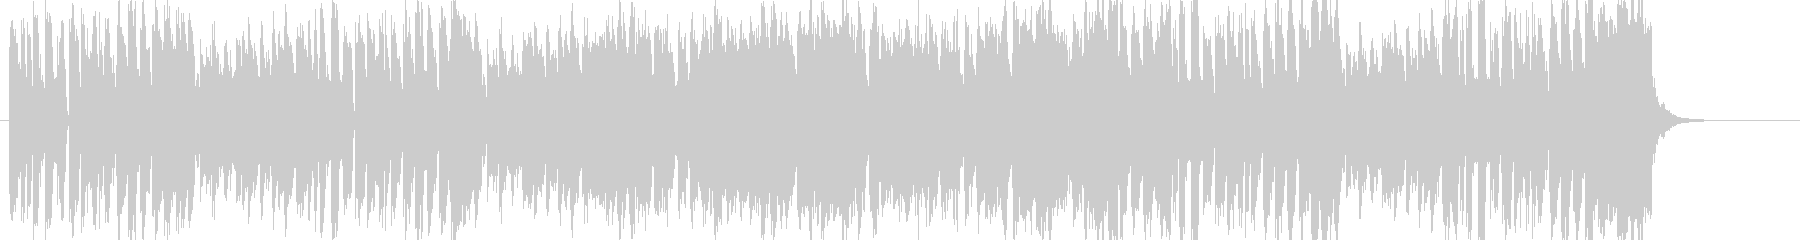 1お菓子CMや小さい動物映像BGM B6の未再生の波形